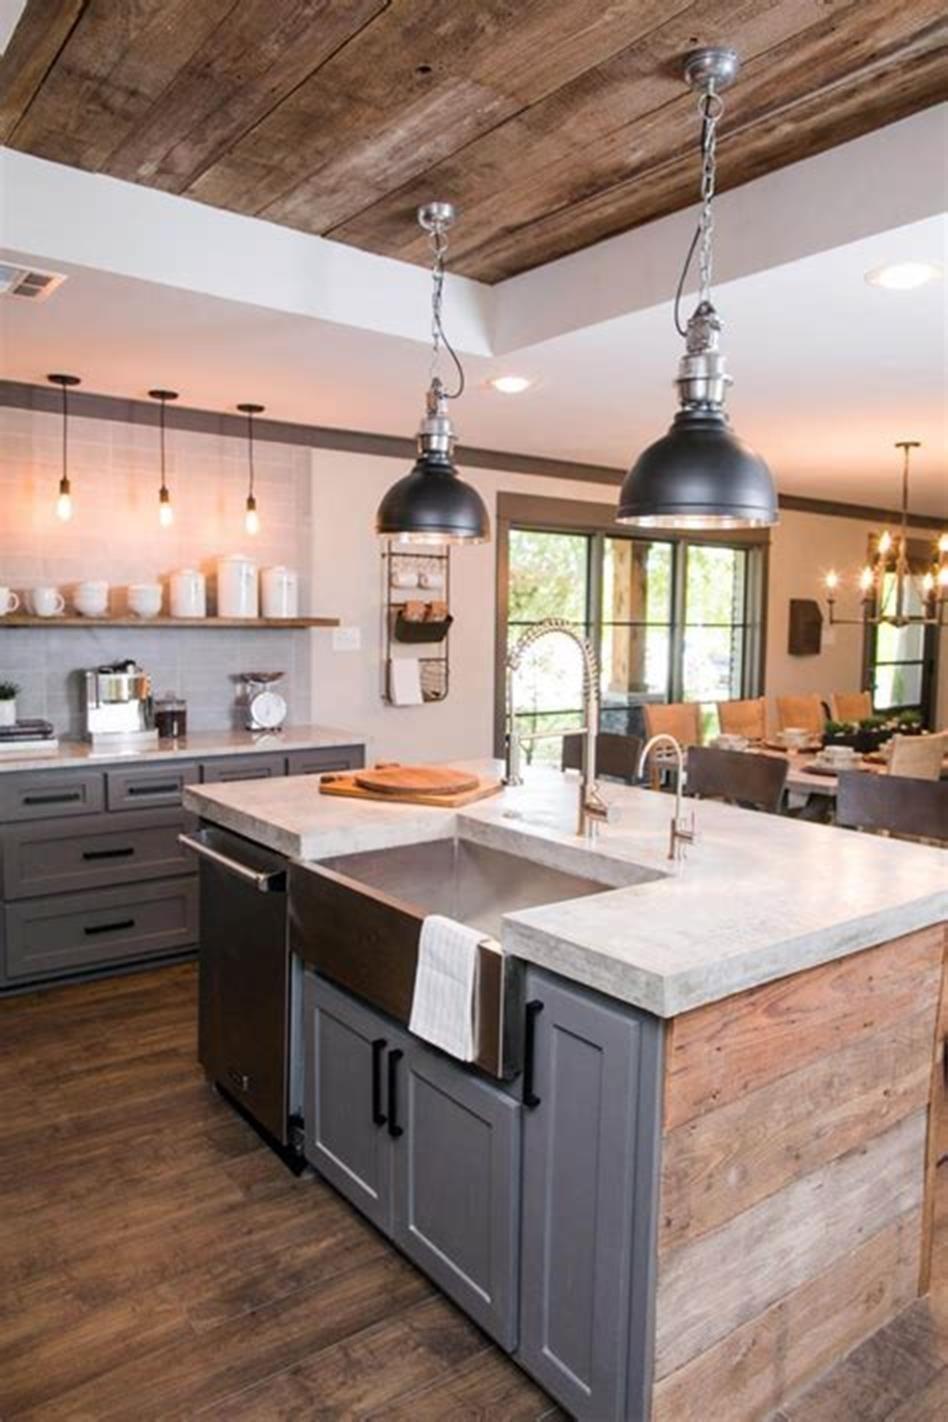 Modern Kitchen Island Designs Ideas That Will Impress You40